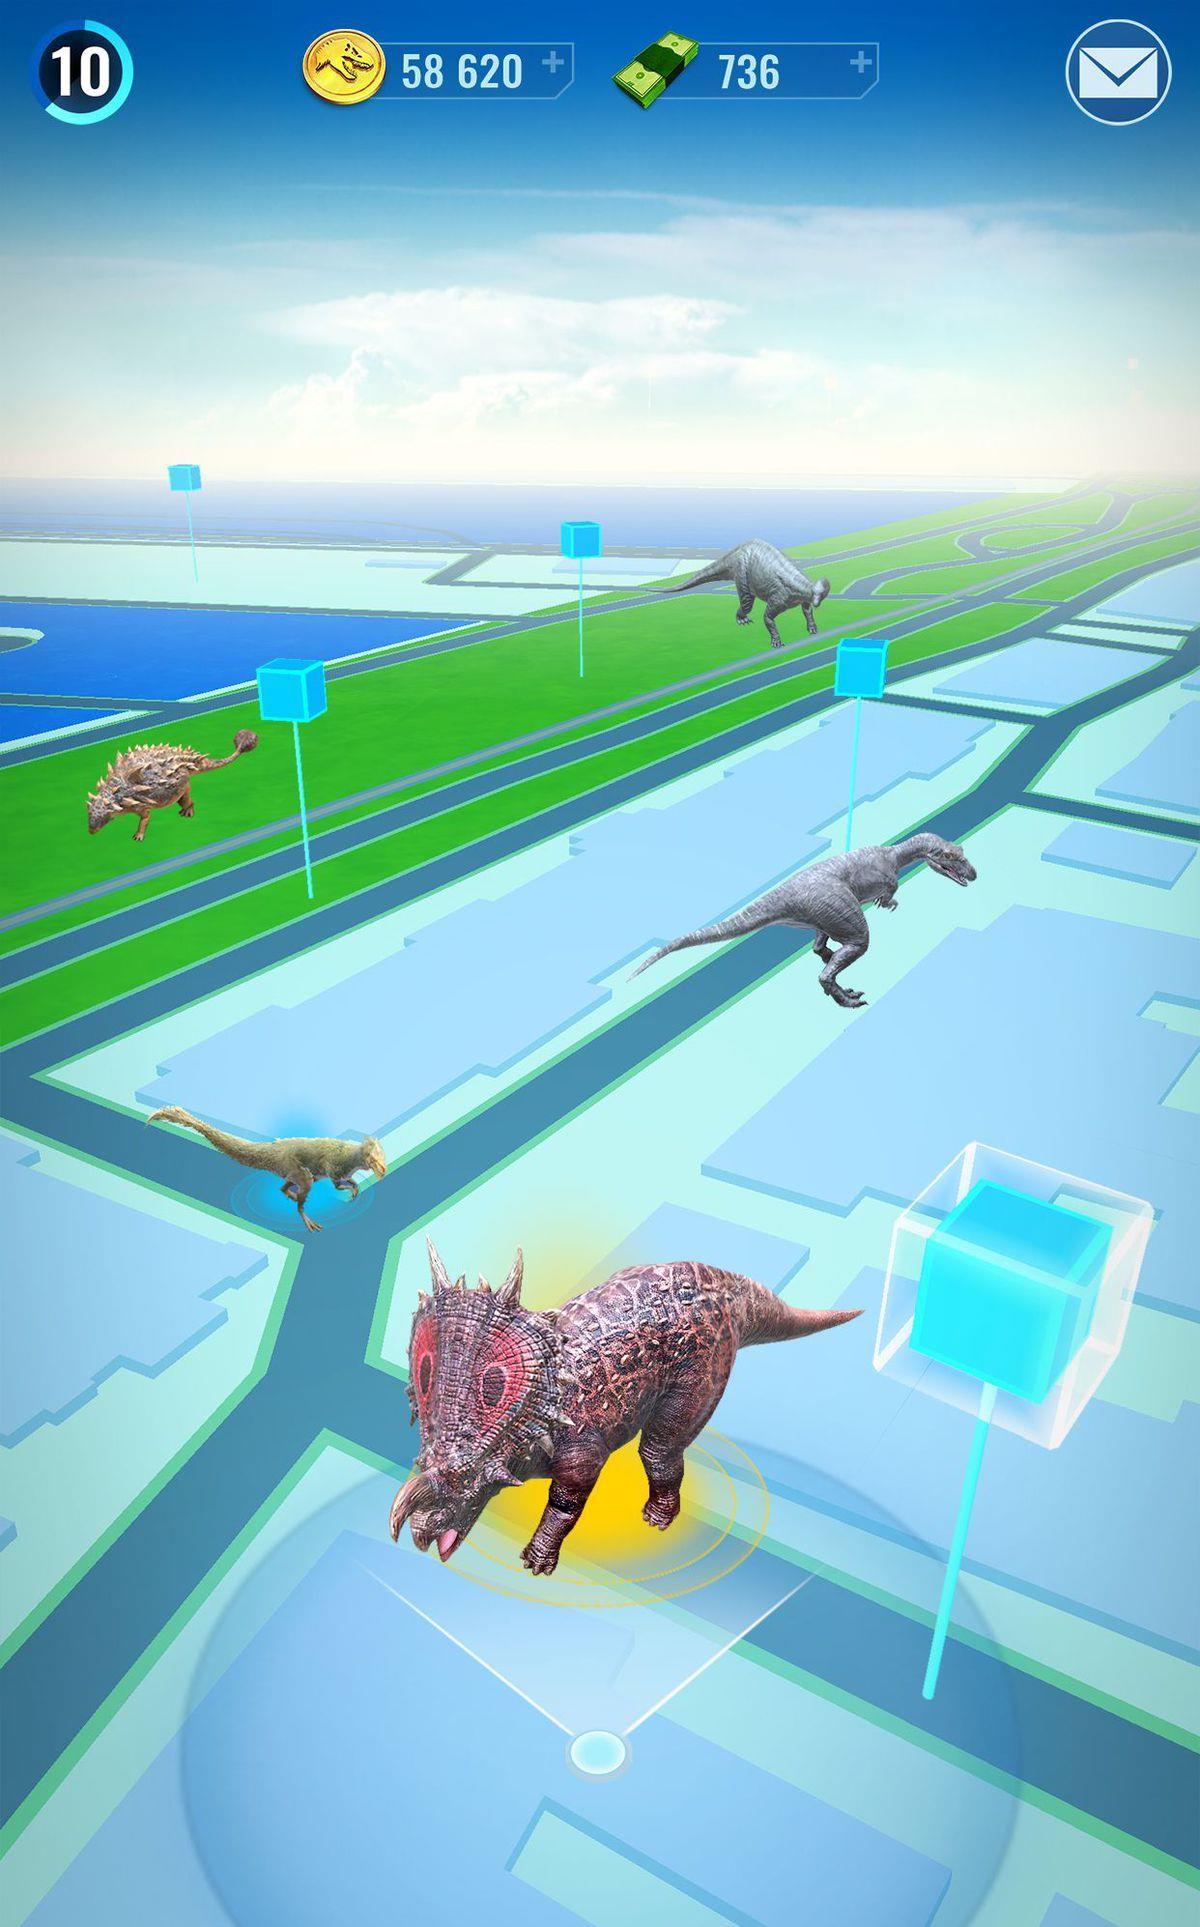 Una prima immagine della probabile schermata